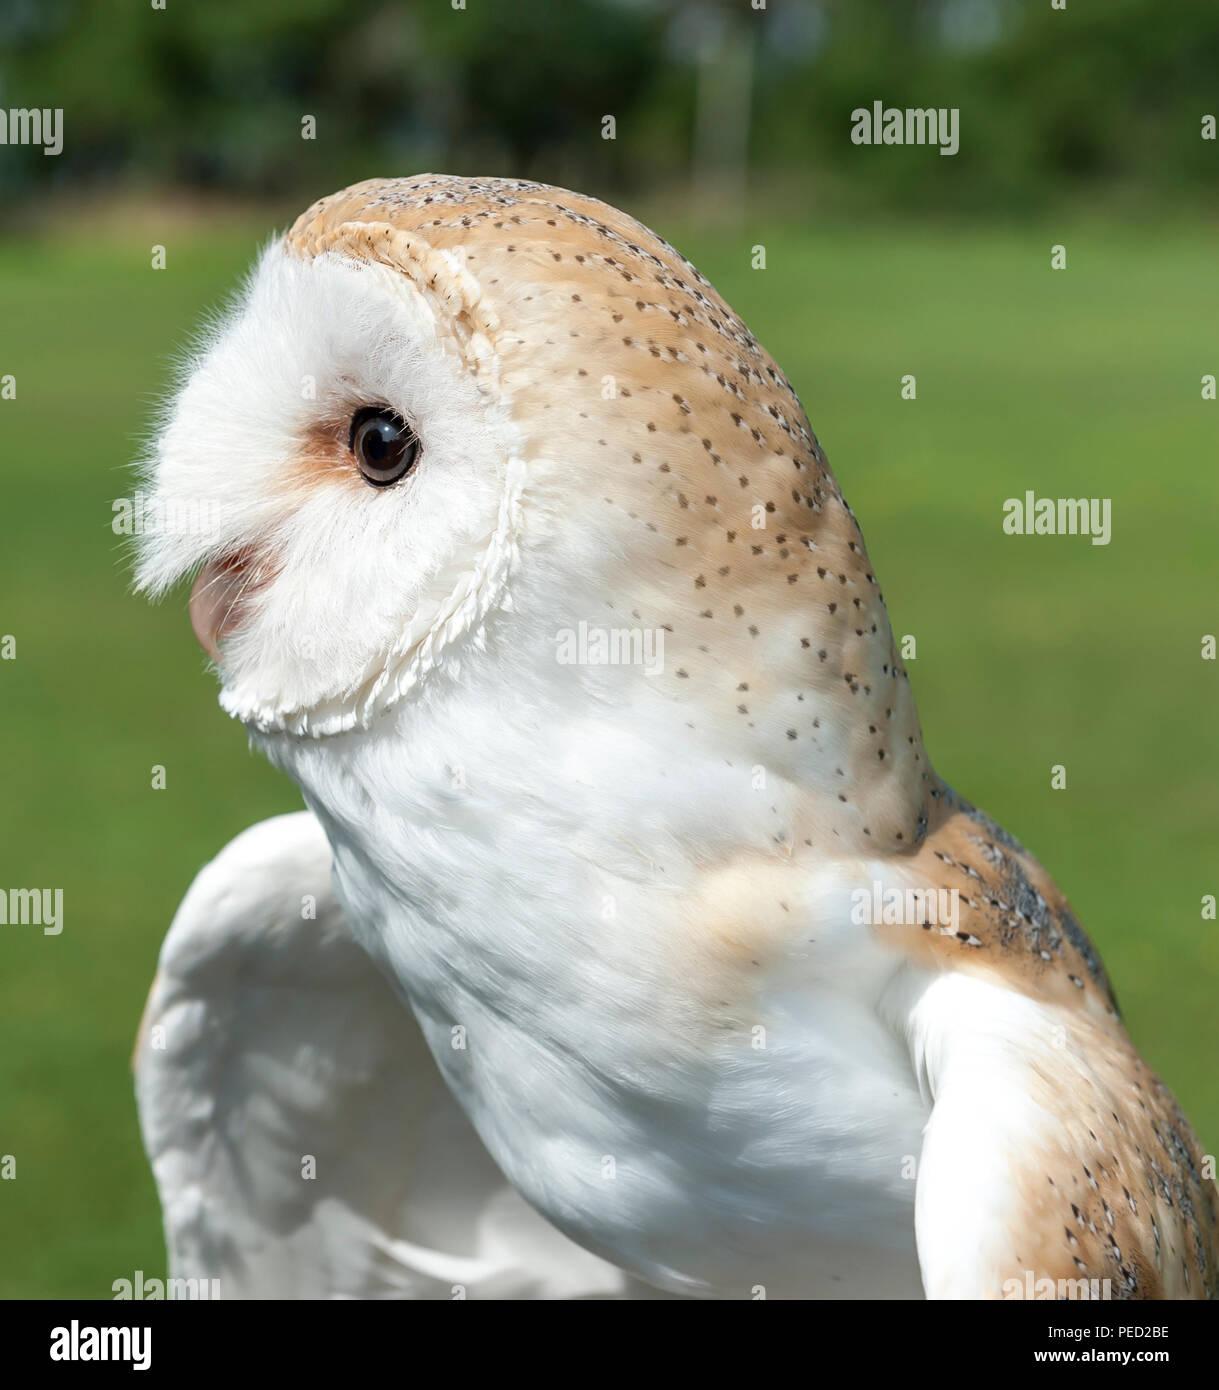 Captive Barn Owl, Hexham, Northumberland, UK - Stock Image